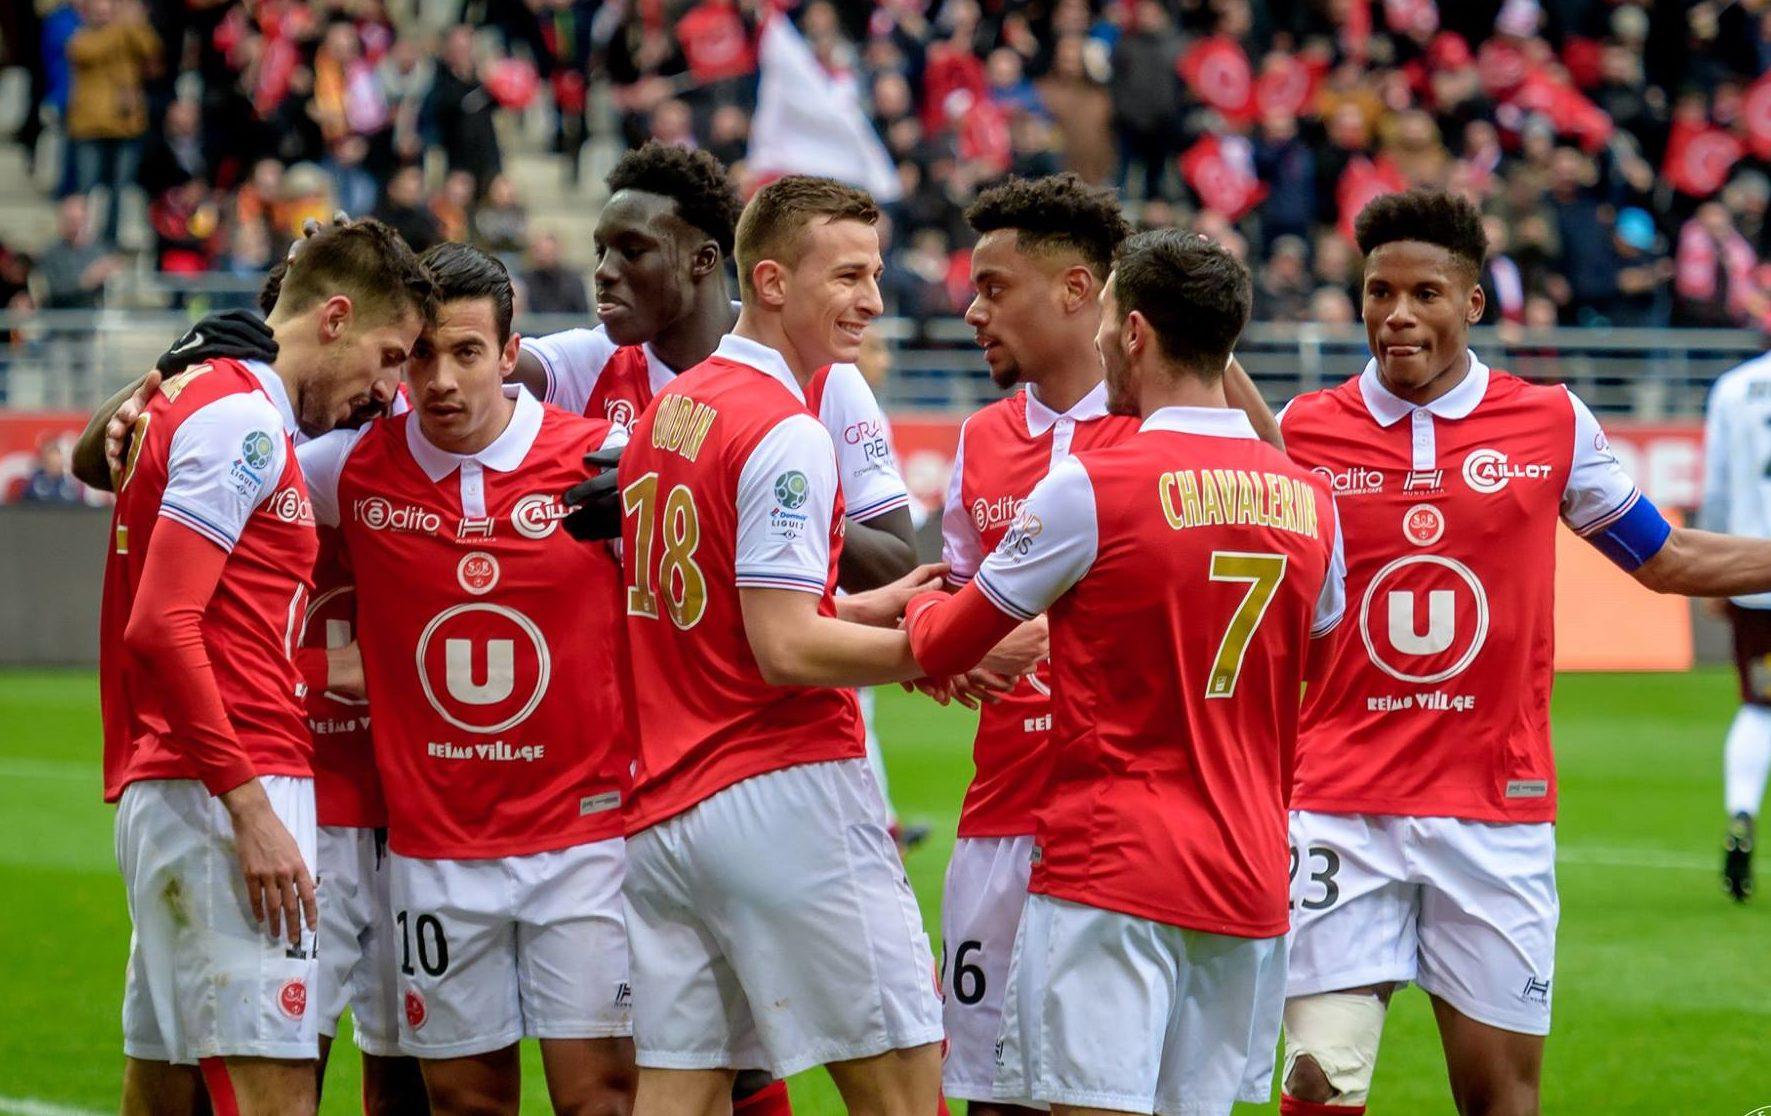 Reims-Nantes 17 marzo: si gioca per la 29 esima giornata del campionato francese. I padroni di casa cercano punti per l'Europa League.